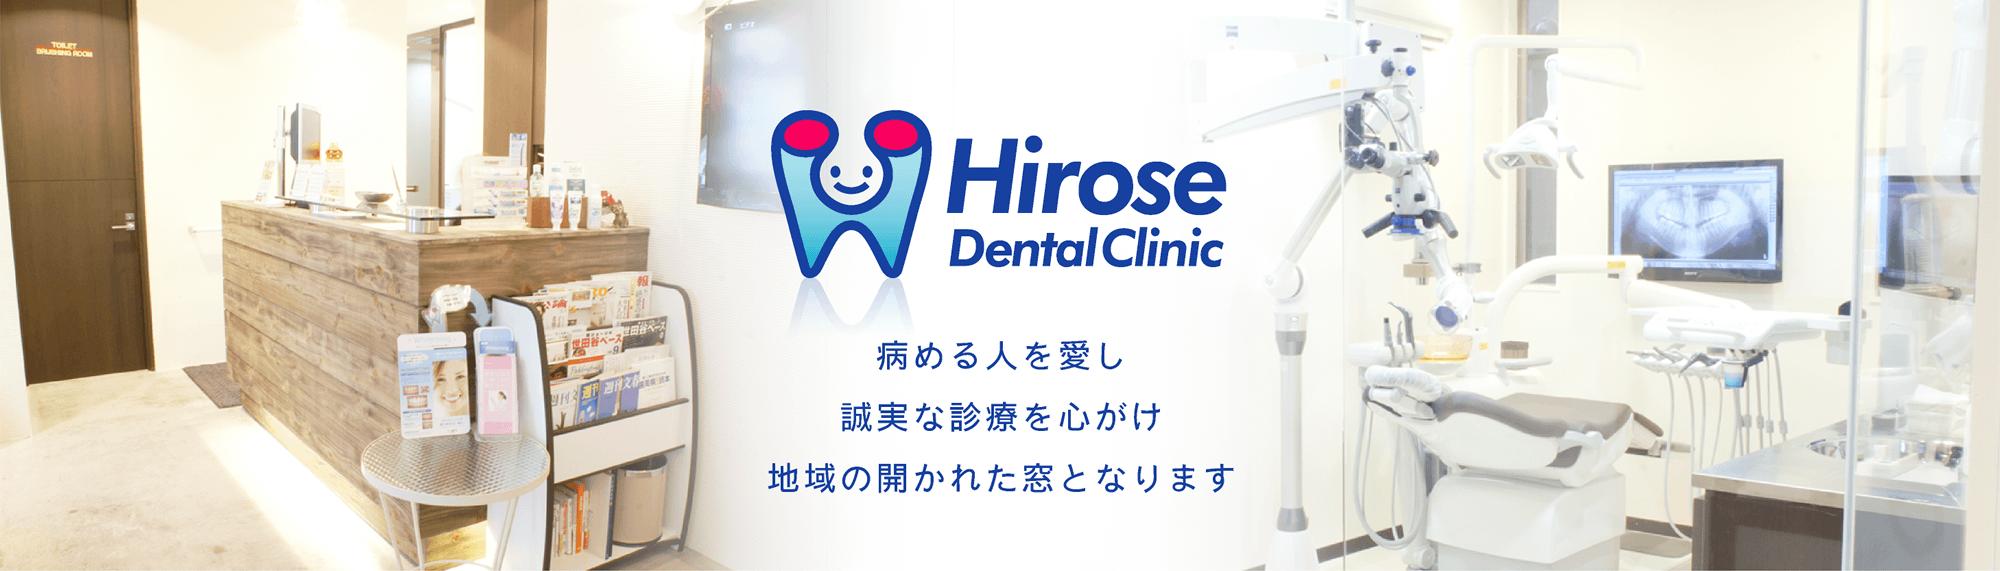 廣瀬歯科医院/病める人を愛し誠実な診療を心がけ地域の開かれた窓となります